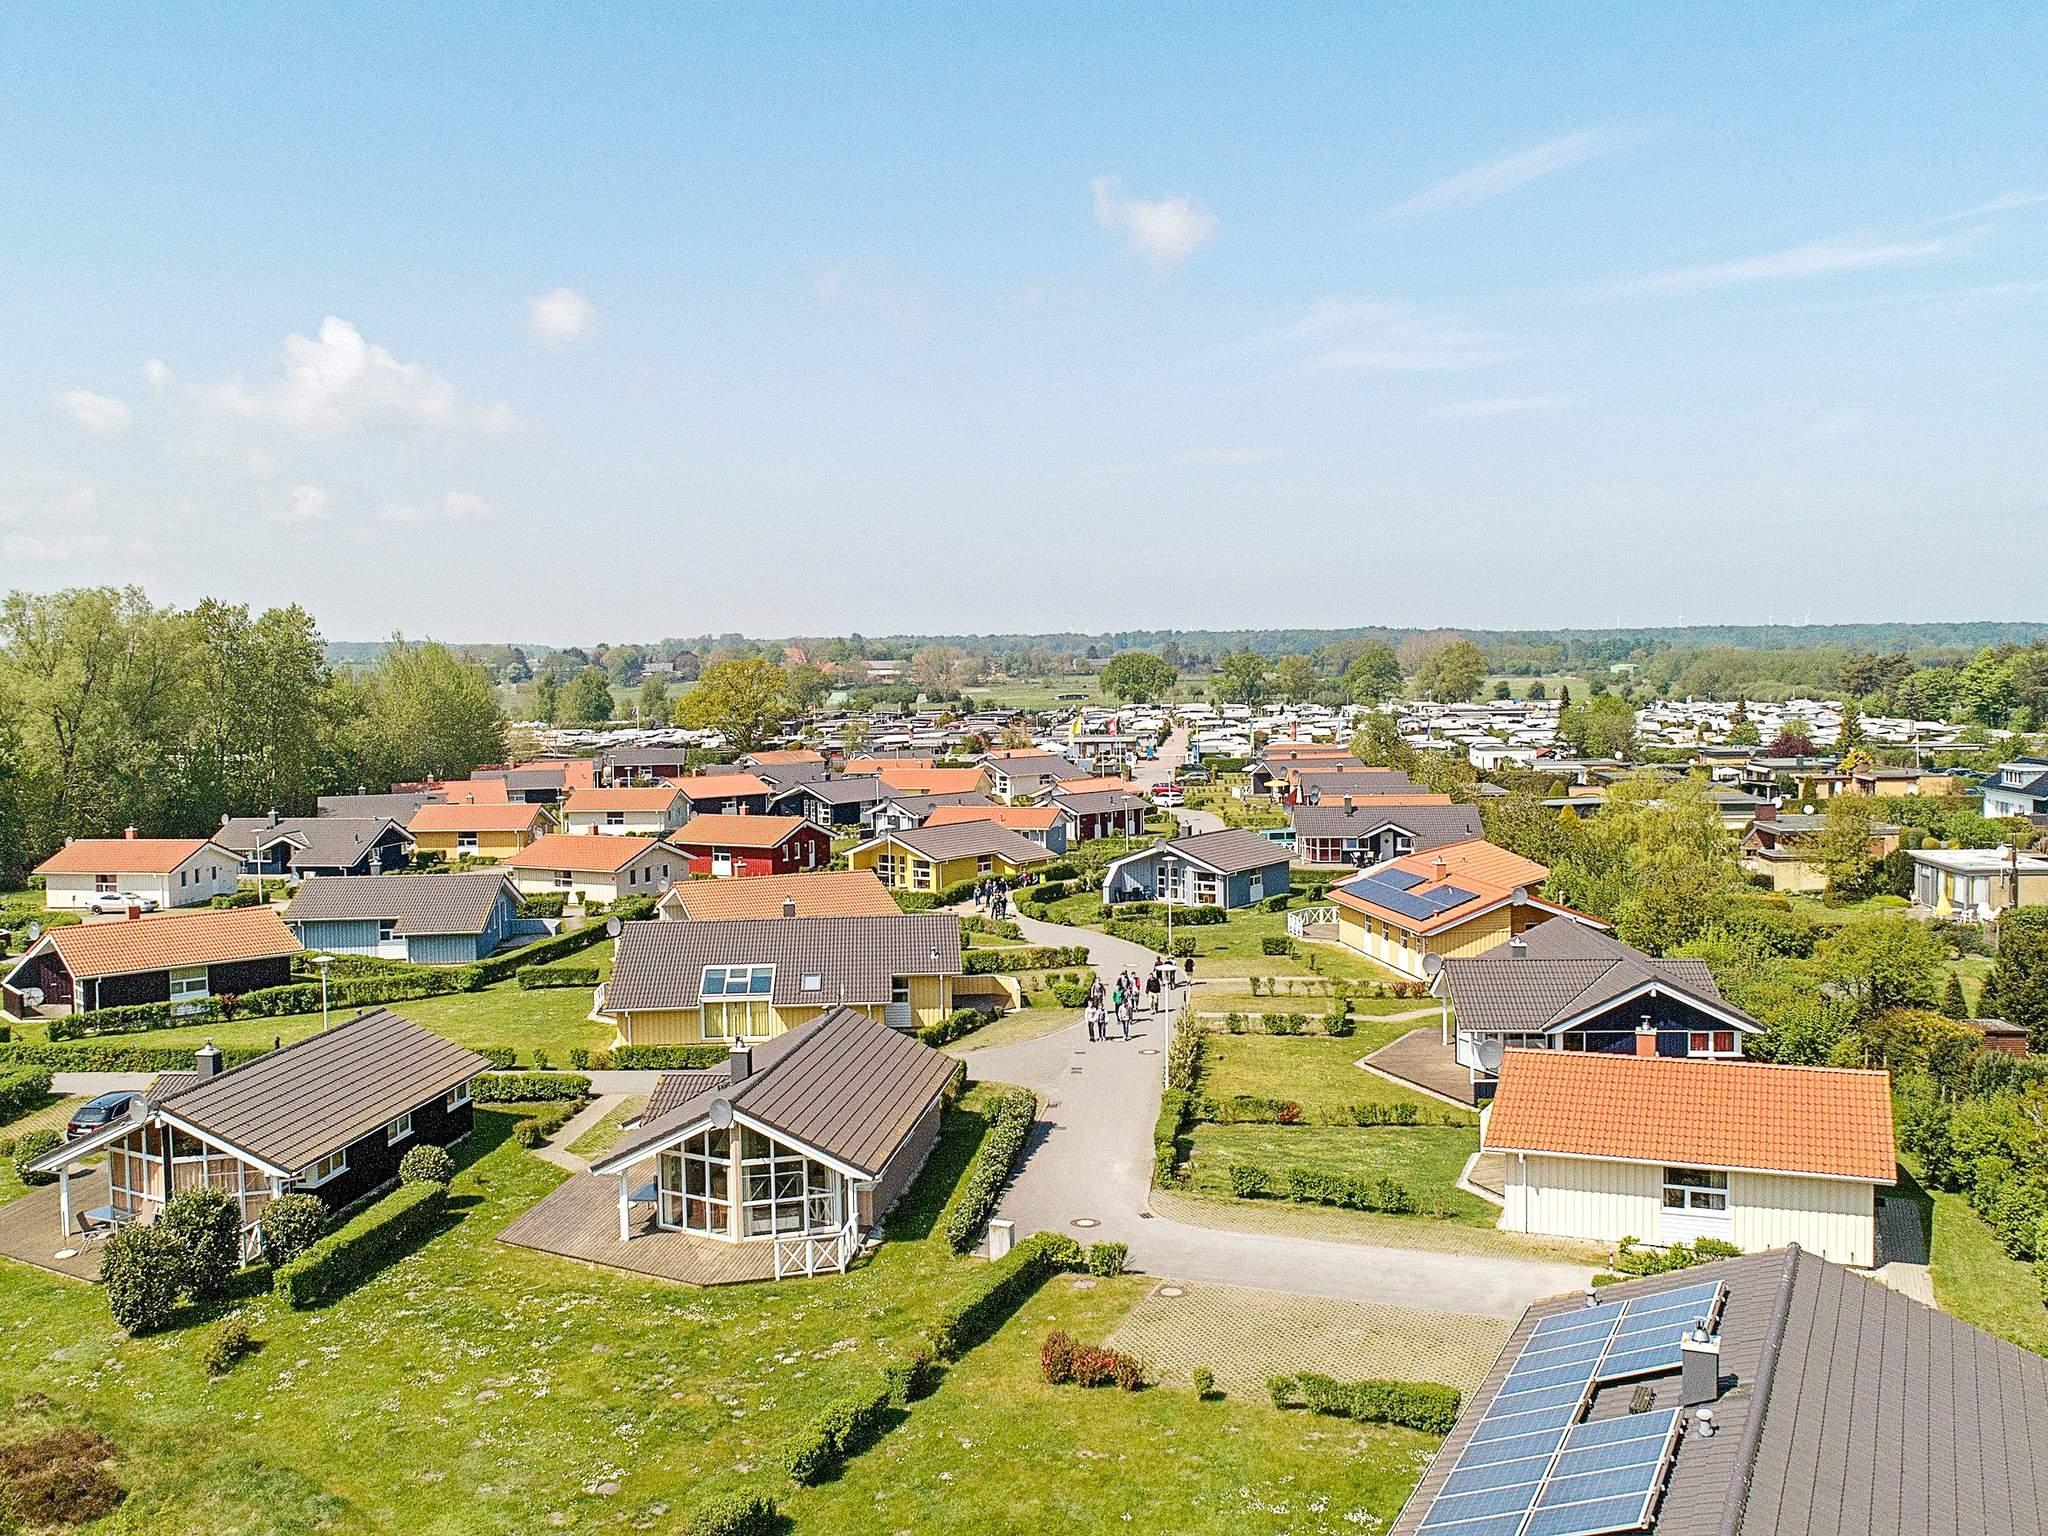 Maison de vacances Grömitz (433403), Grömitz, Baie de Lübeck, Schleswig-Holstein, Allemagne, image 20